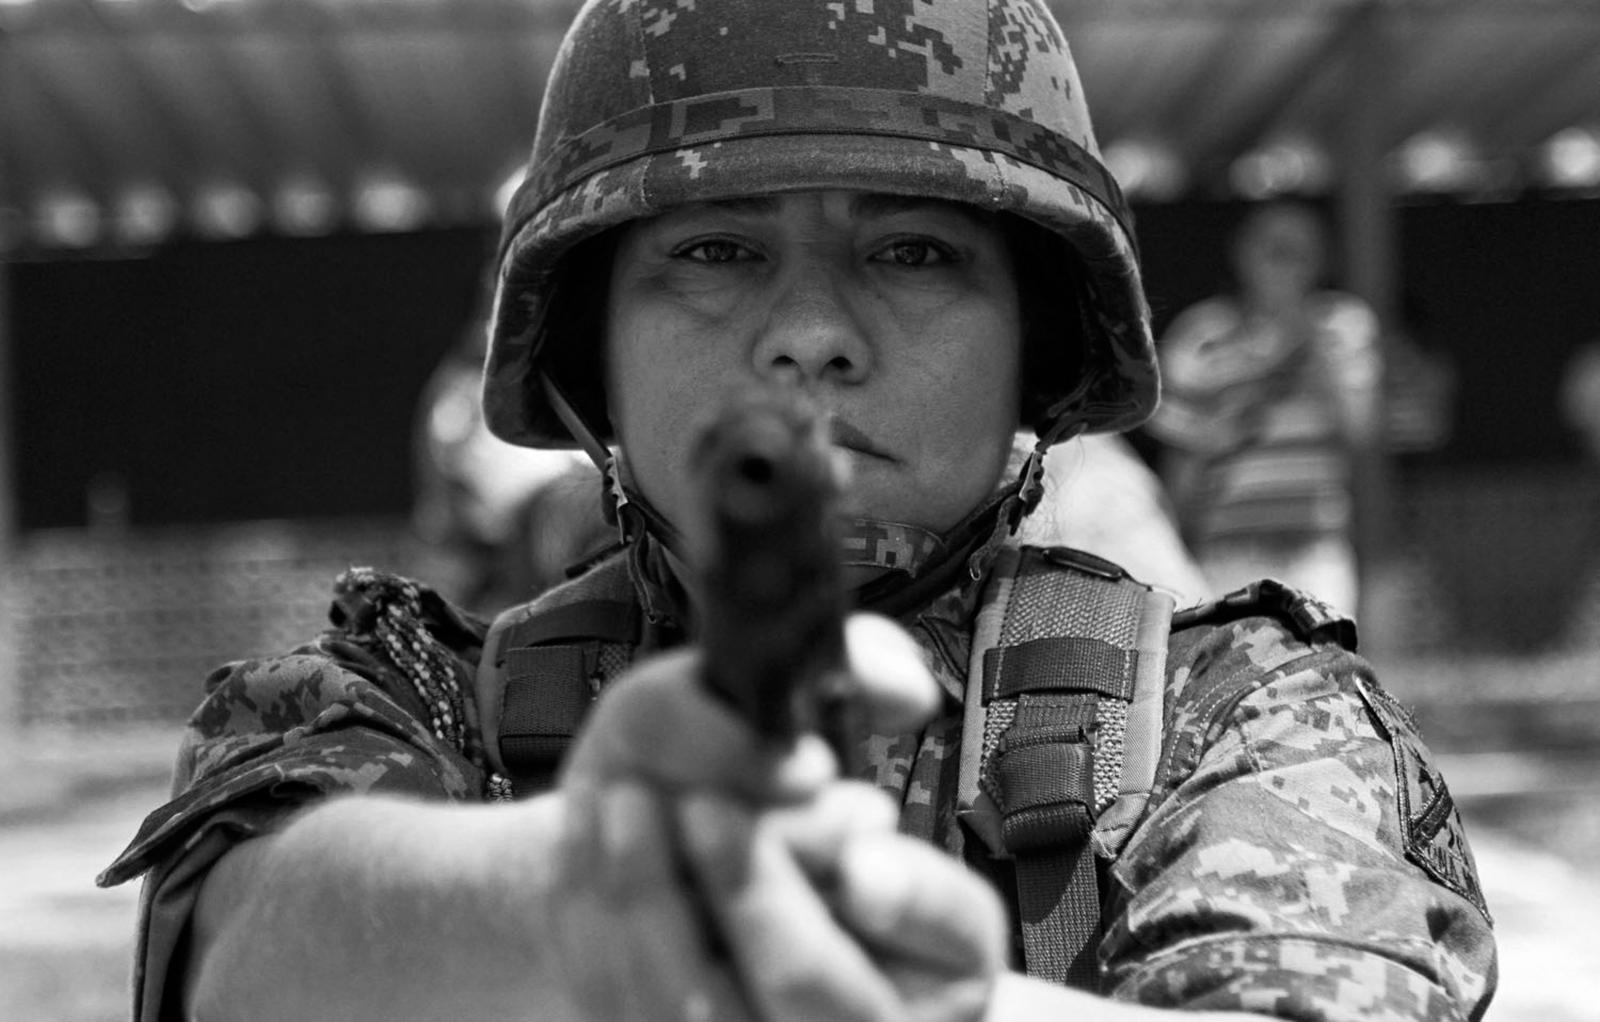 Una mujer del ejército mexicano sostiene un arma dentro de su entrenamiento de fuerzas armadas en la sexta región militar en Boca del Río, Veracruz el siete de Marzo del 2012. Actualmente son 12 mil mujeres que pertenecen al ejército en la zona Veracruz-Puebla desempeñando labores dentro del operativo Veracruz Seguro. AFP PHOTO/Lucas CASTRO